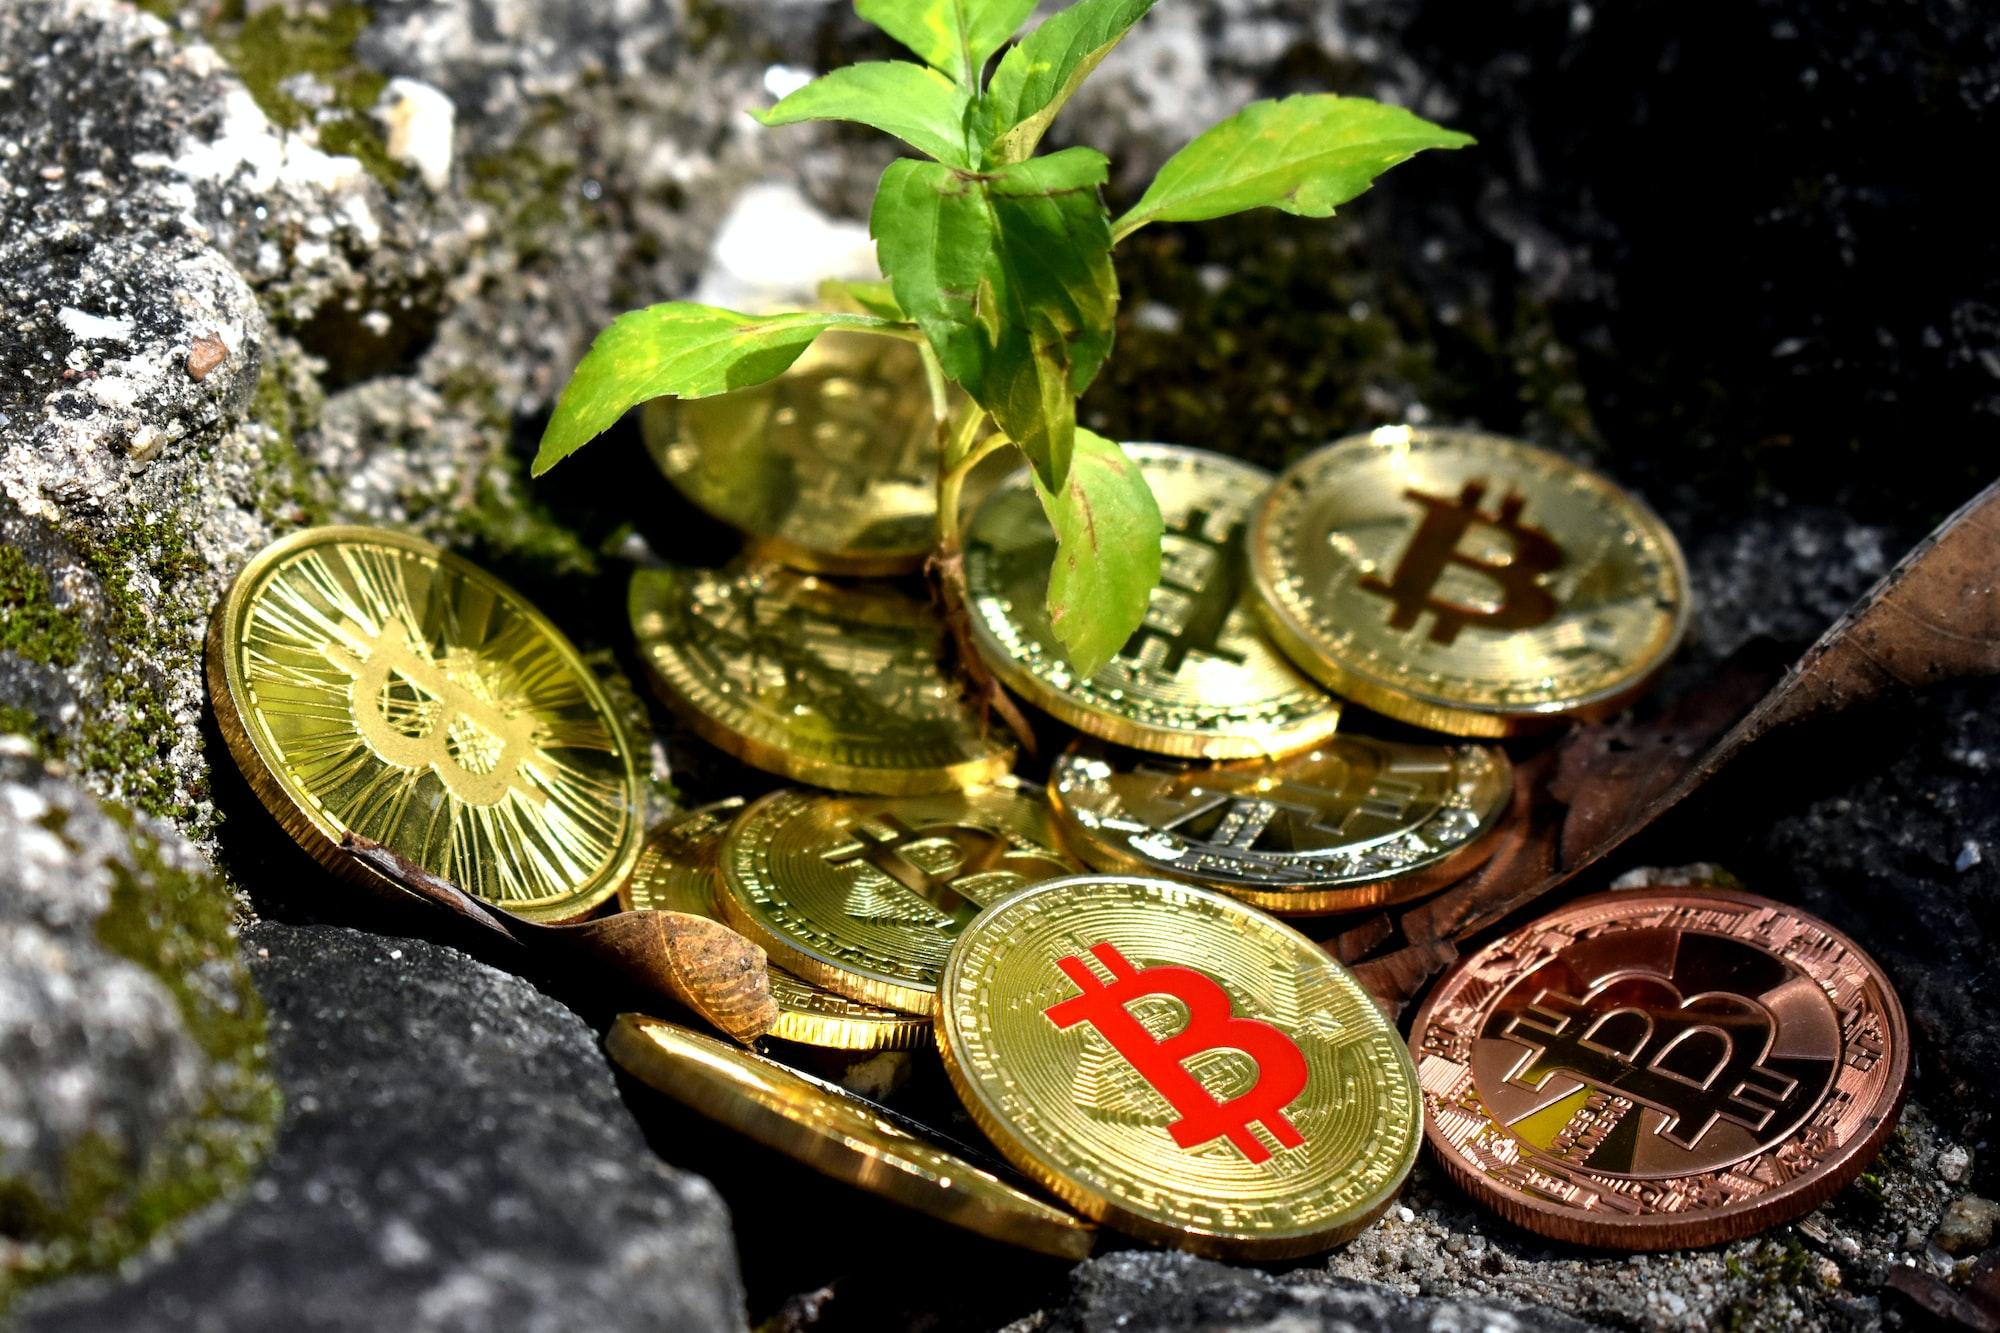 Zużycie energii przez Bitcoin jest mniejsze i bardziej zielone niż przy jakimkolwiek innym dużym przemyśle